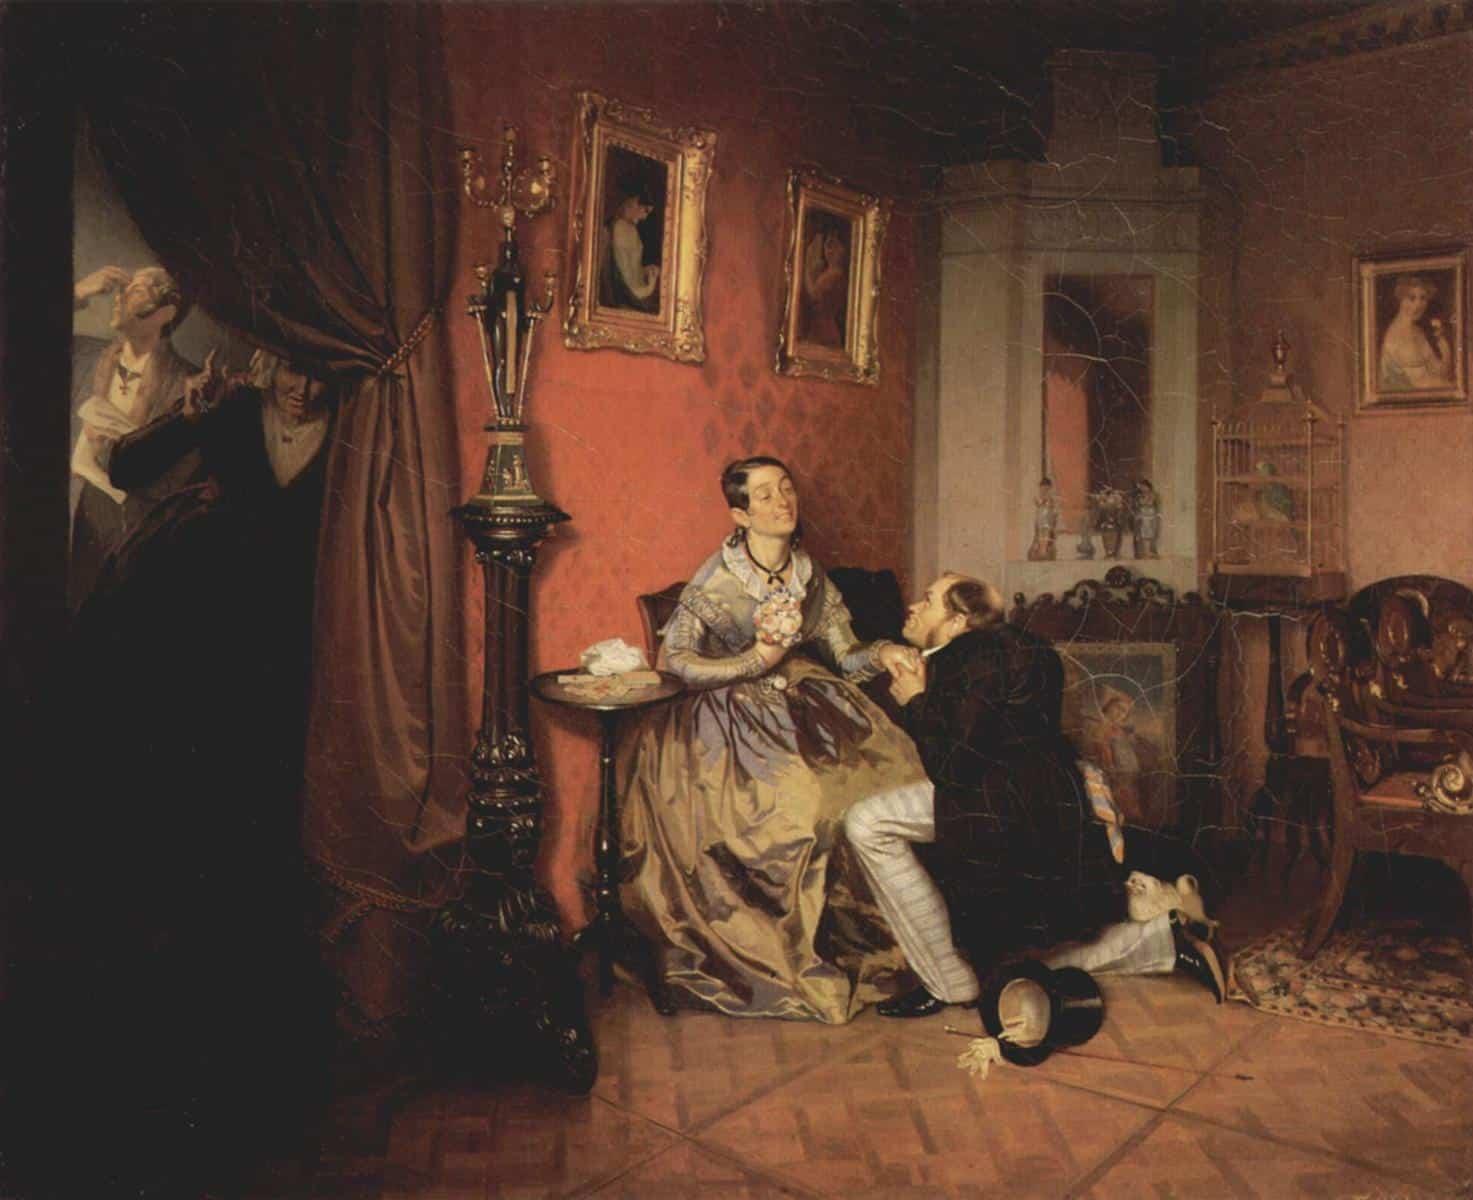 Федотов П. А. Разборчивая невеста. 1847. Государственная Третьяковская галерея